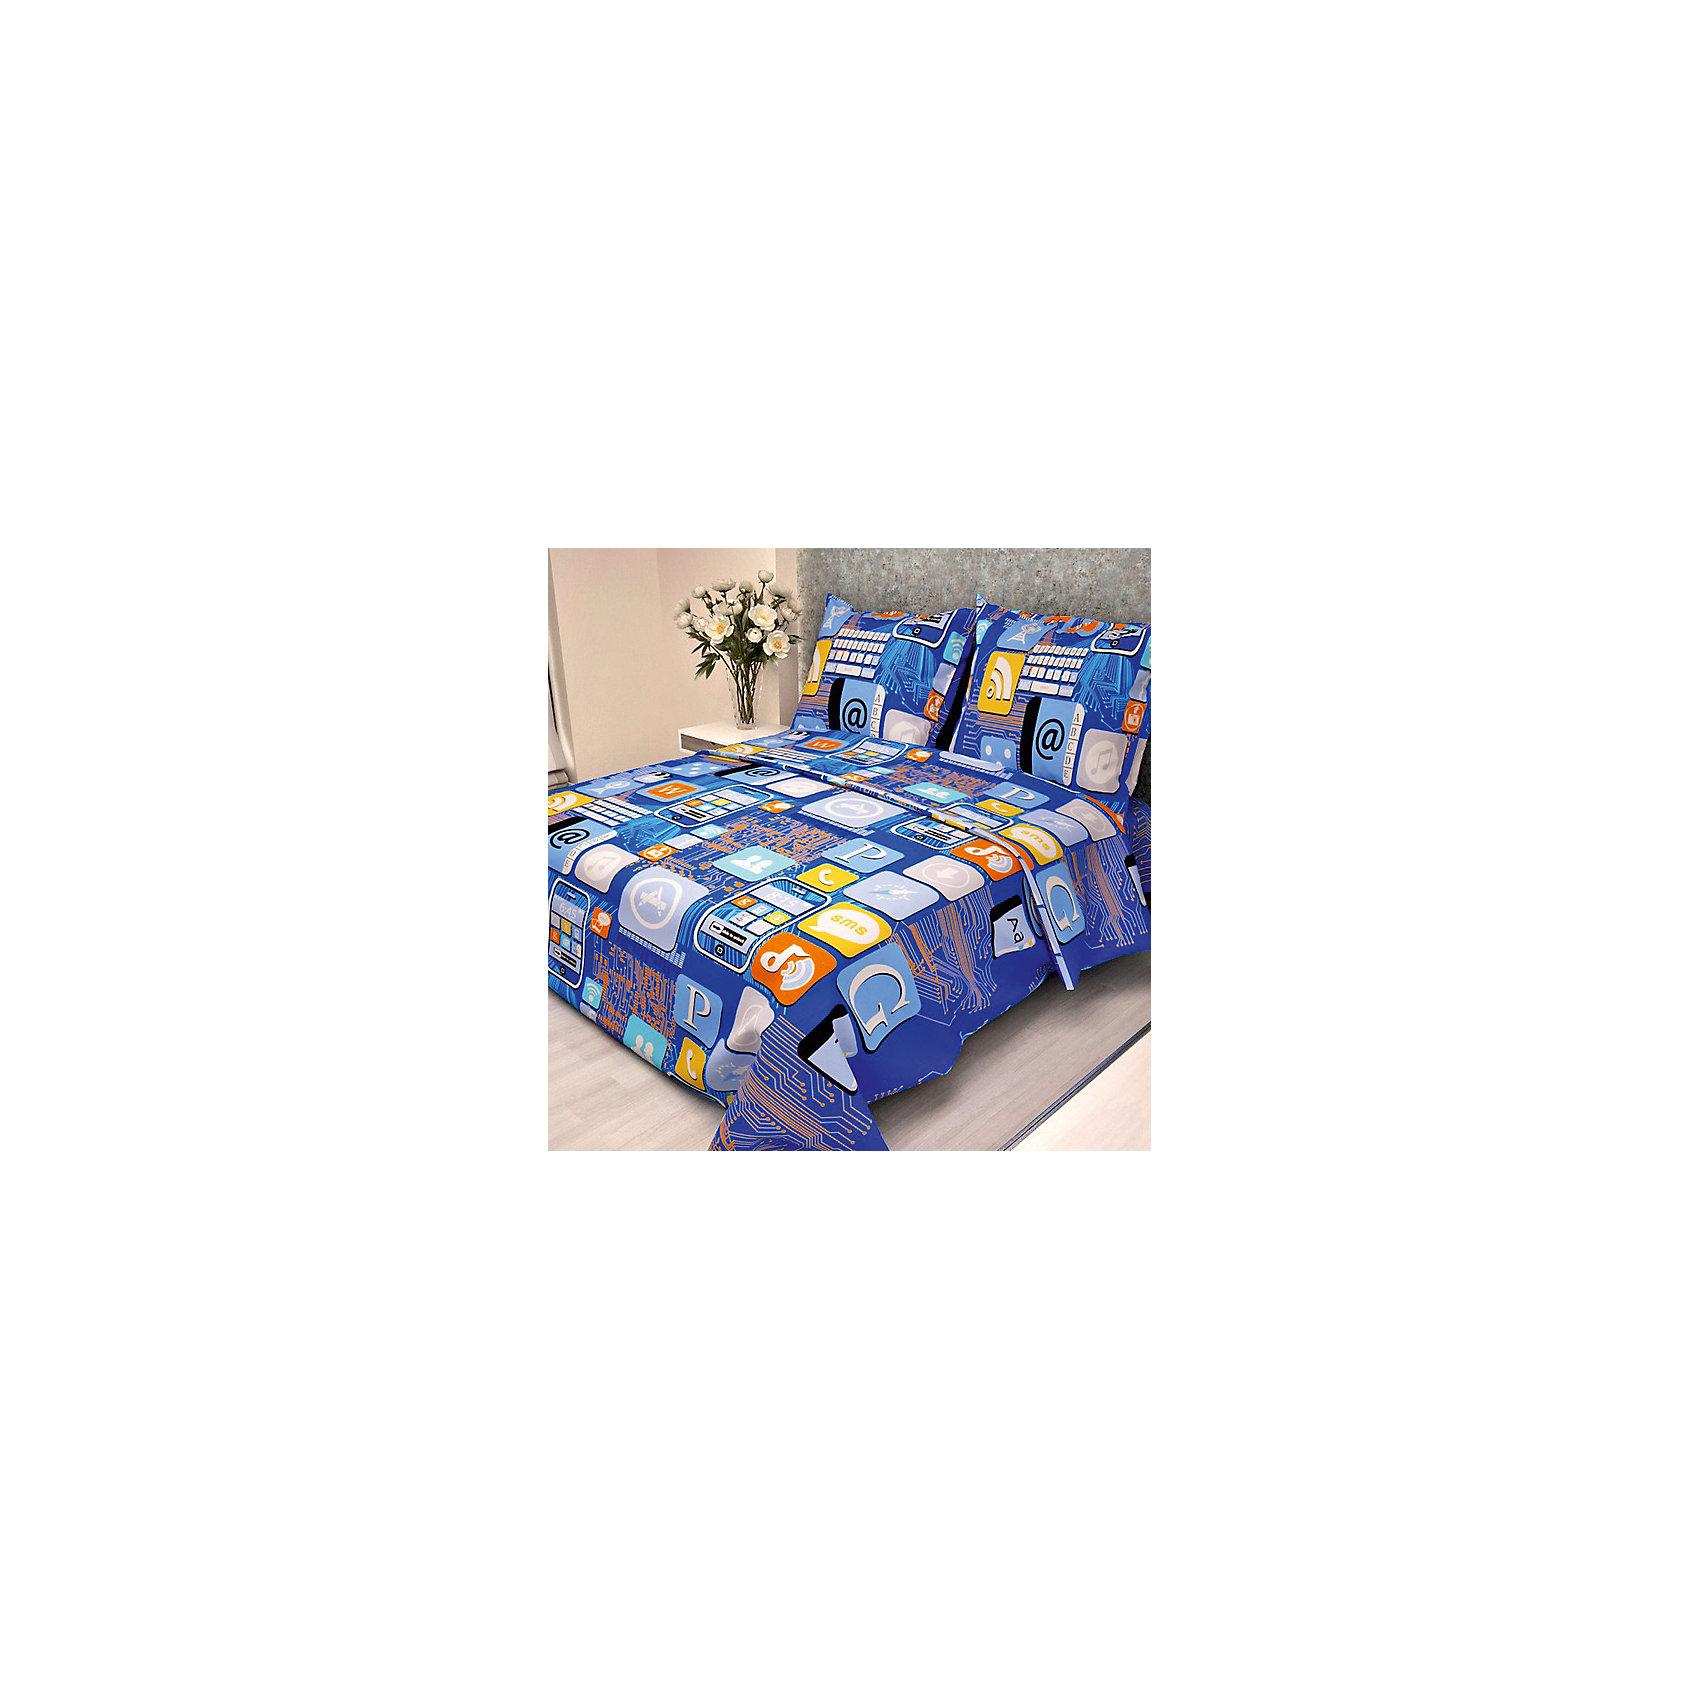 Letto Постельное белье Смартфон, (50х70), Letto постельное из бязи купить оптом в одессе